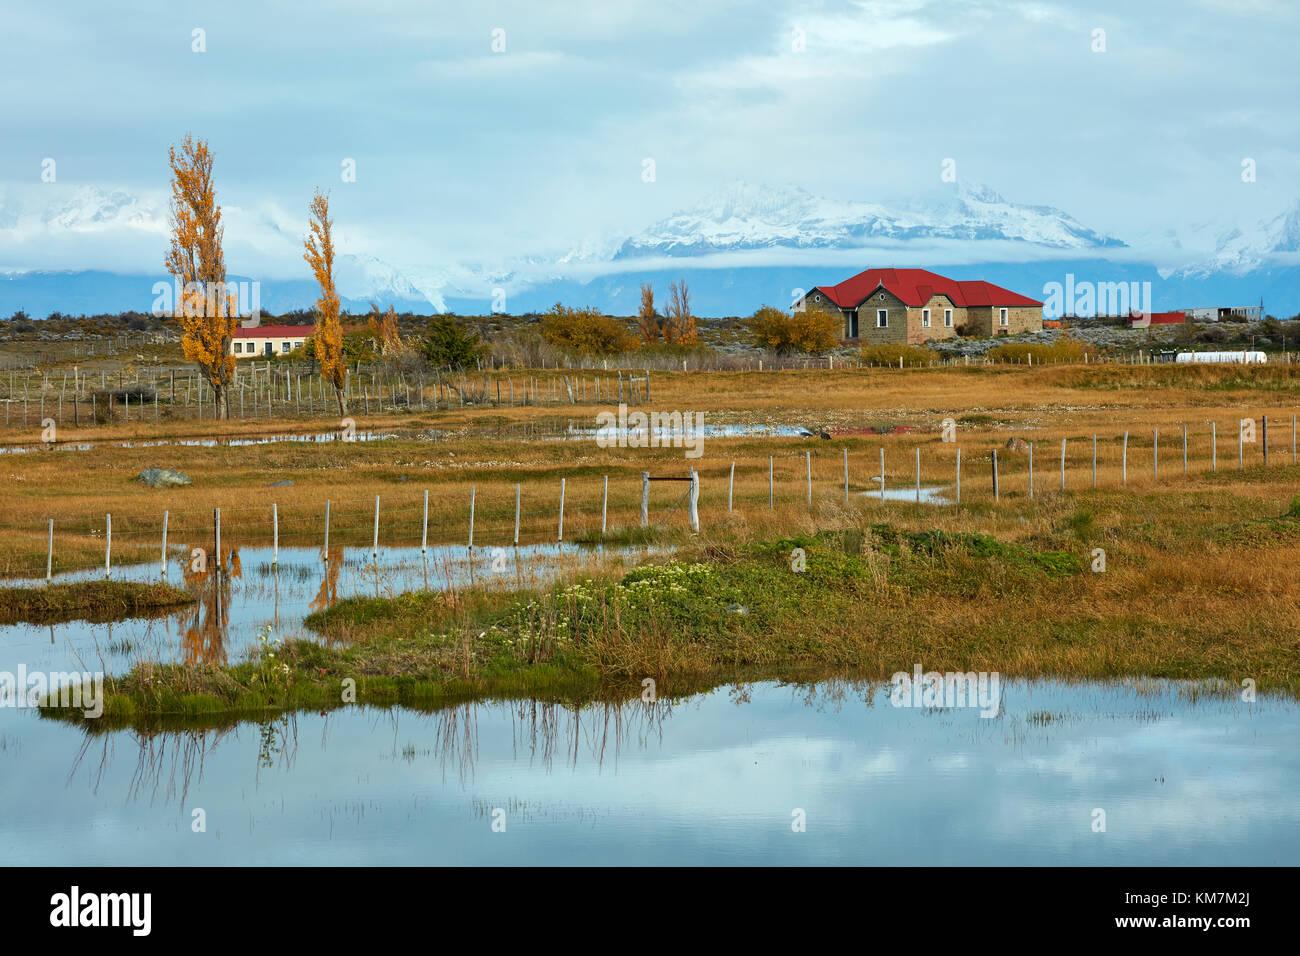 Agriturismo e montagna vicino a El Chalten, Patagonia, Argentina, Sud America Immagini Stock